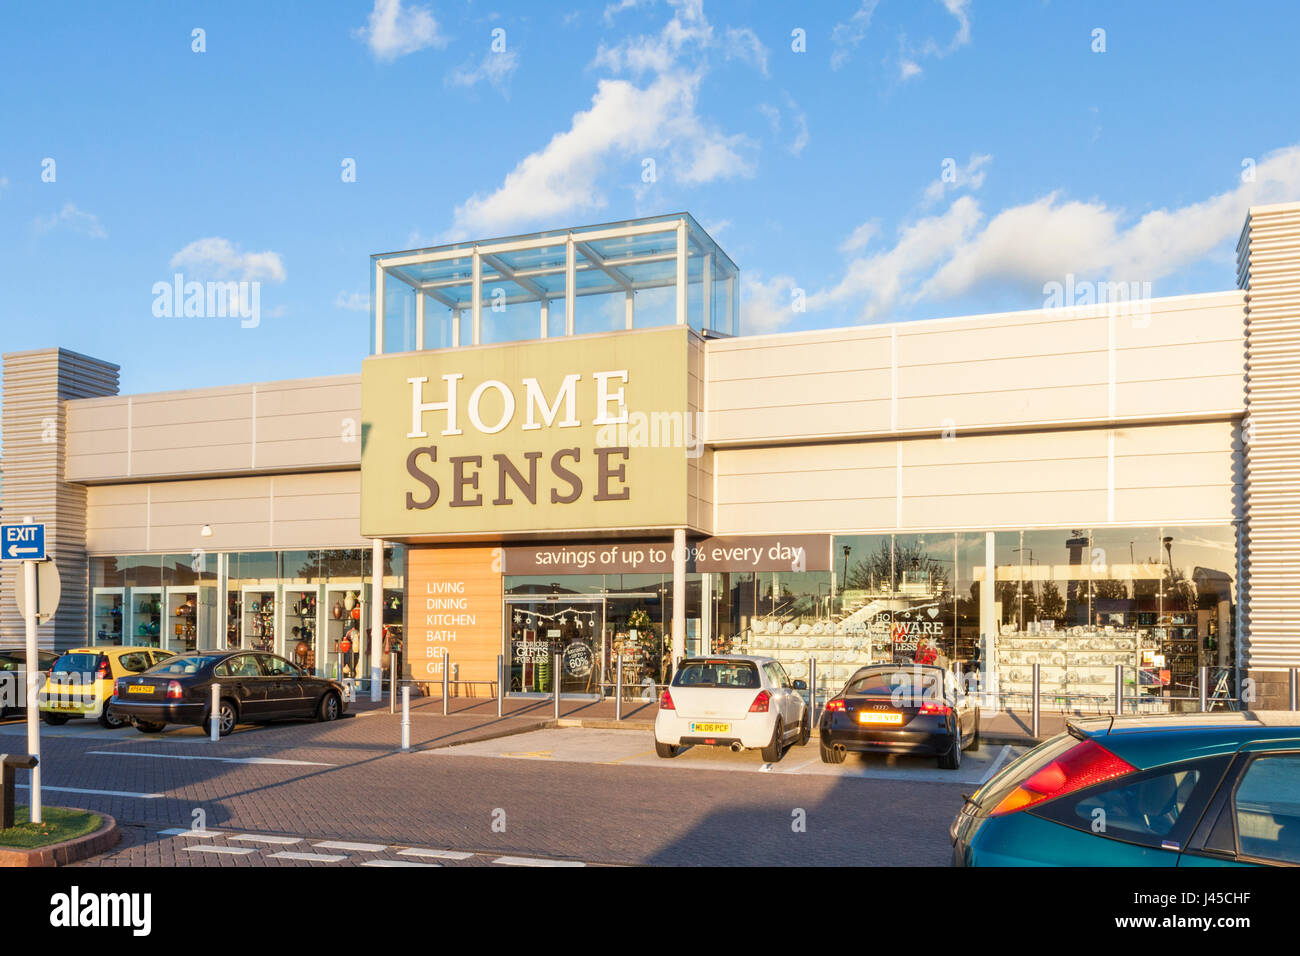 Home Sense store, château de plaisance Retail Park, Nottingham, England, UK Photo Stock